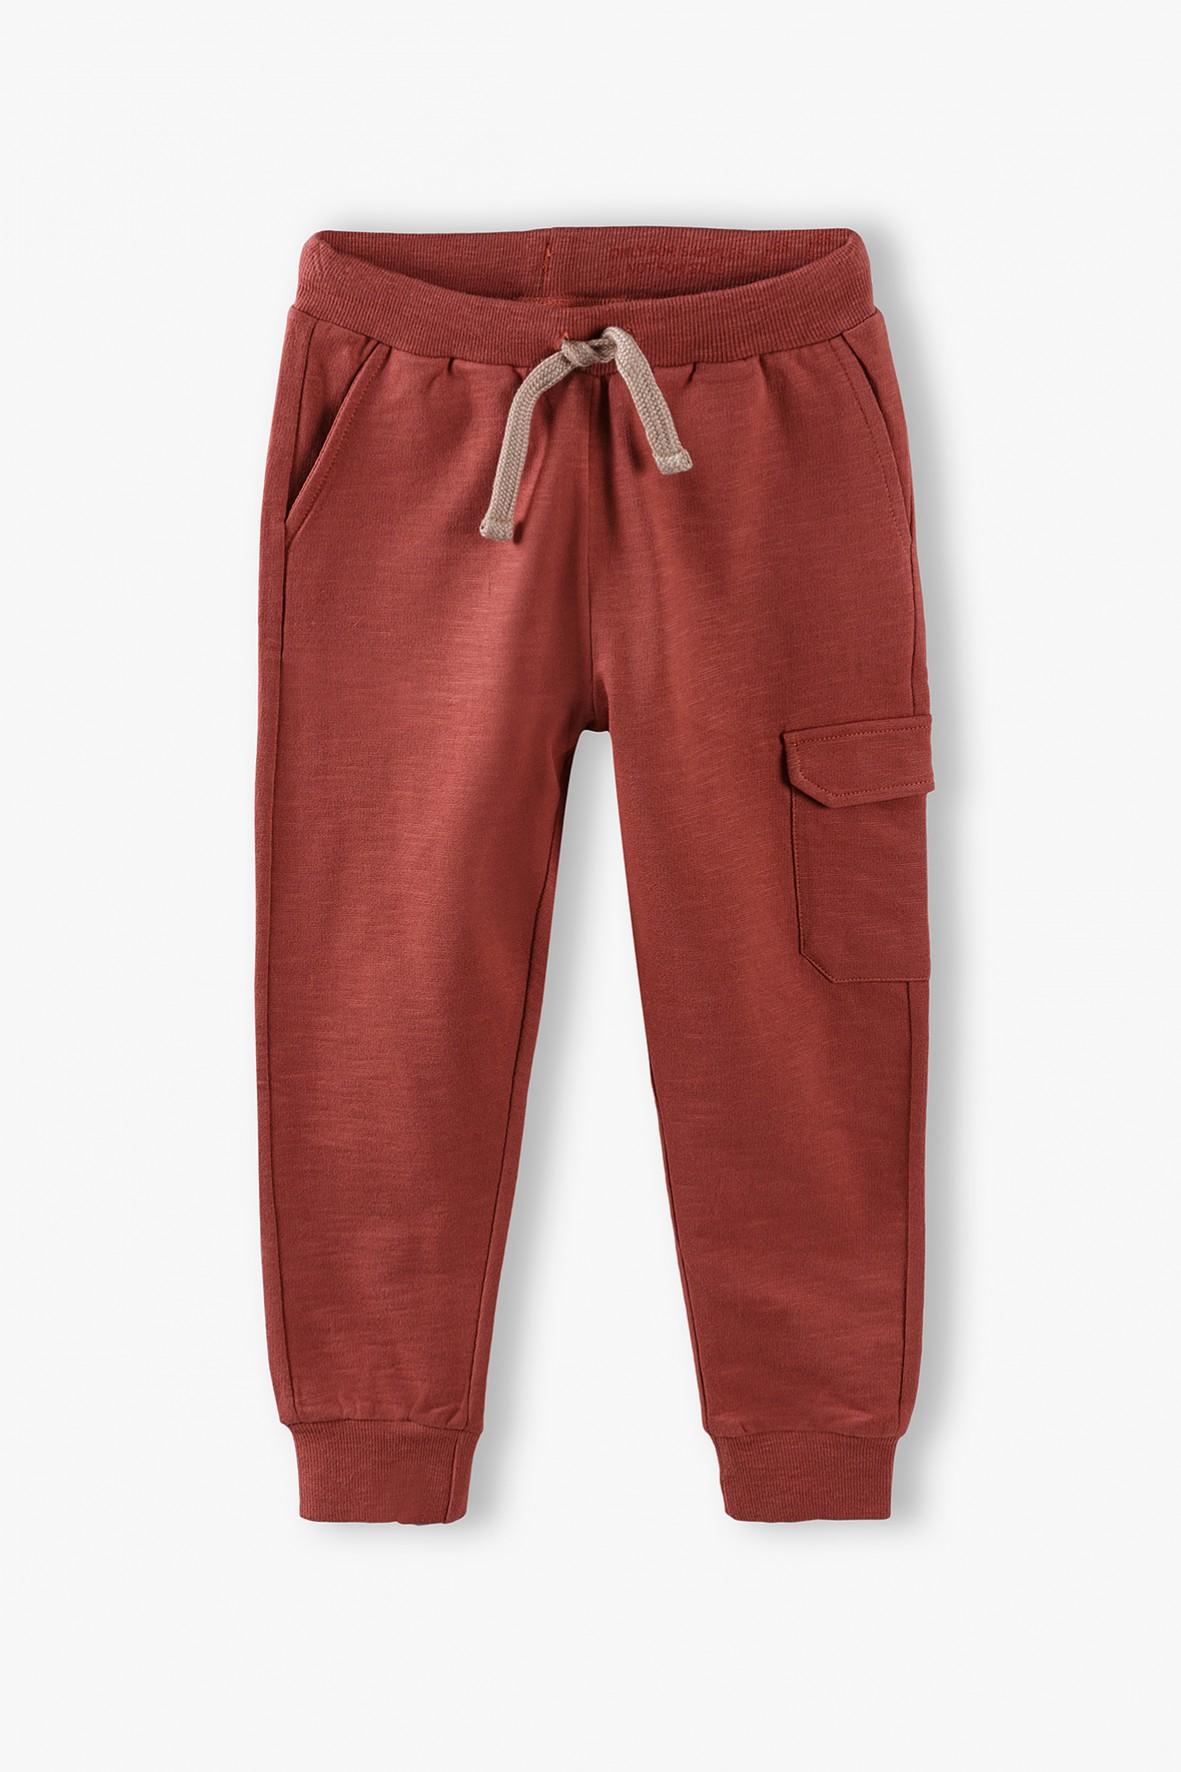 Spodnie dresowe chłopięce z kieszeniami